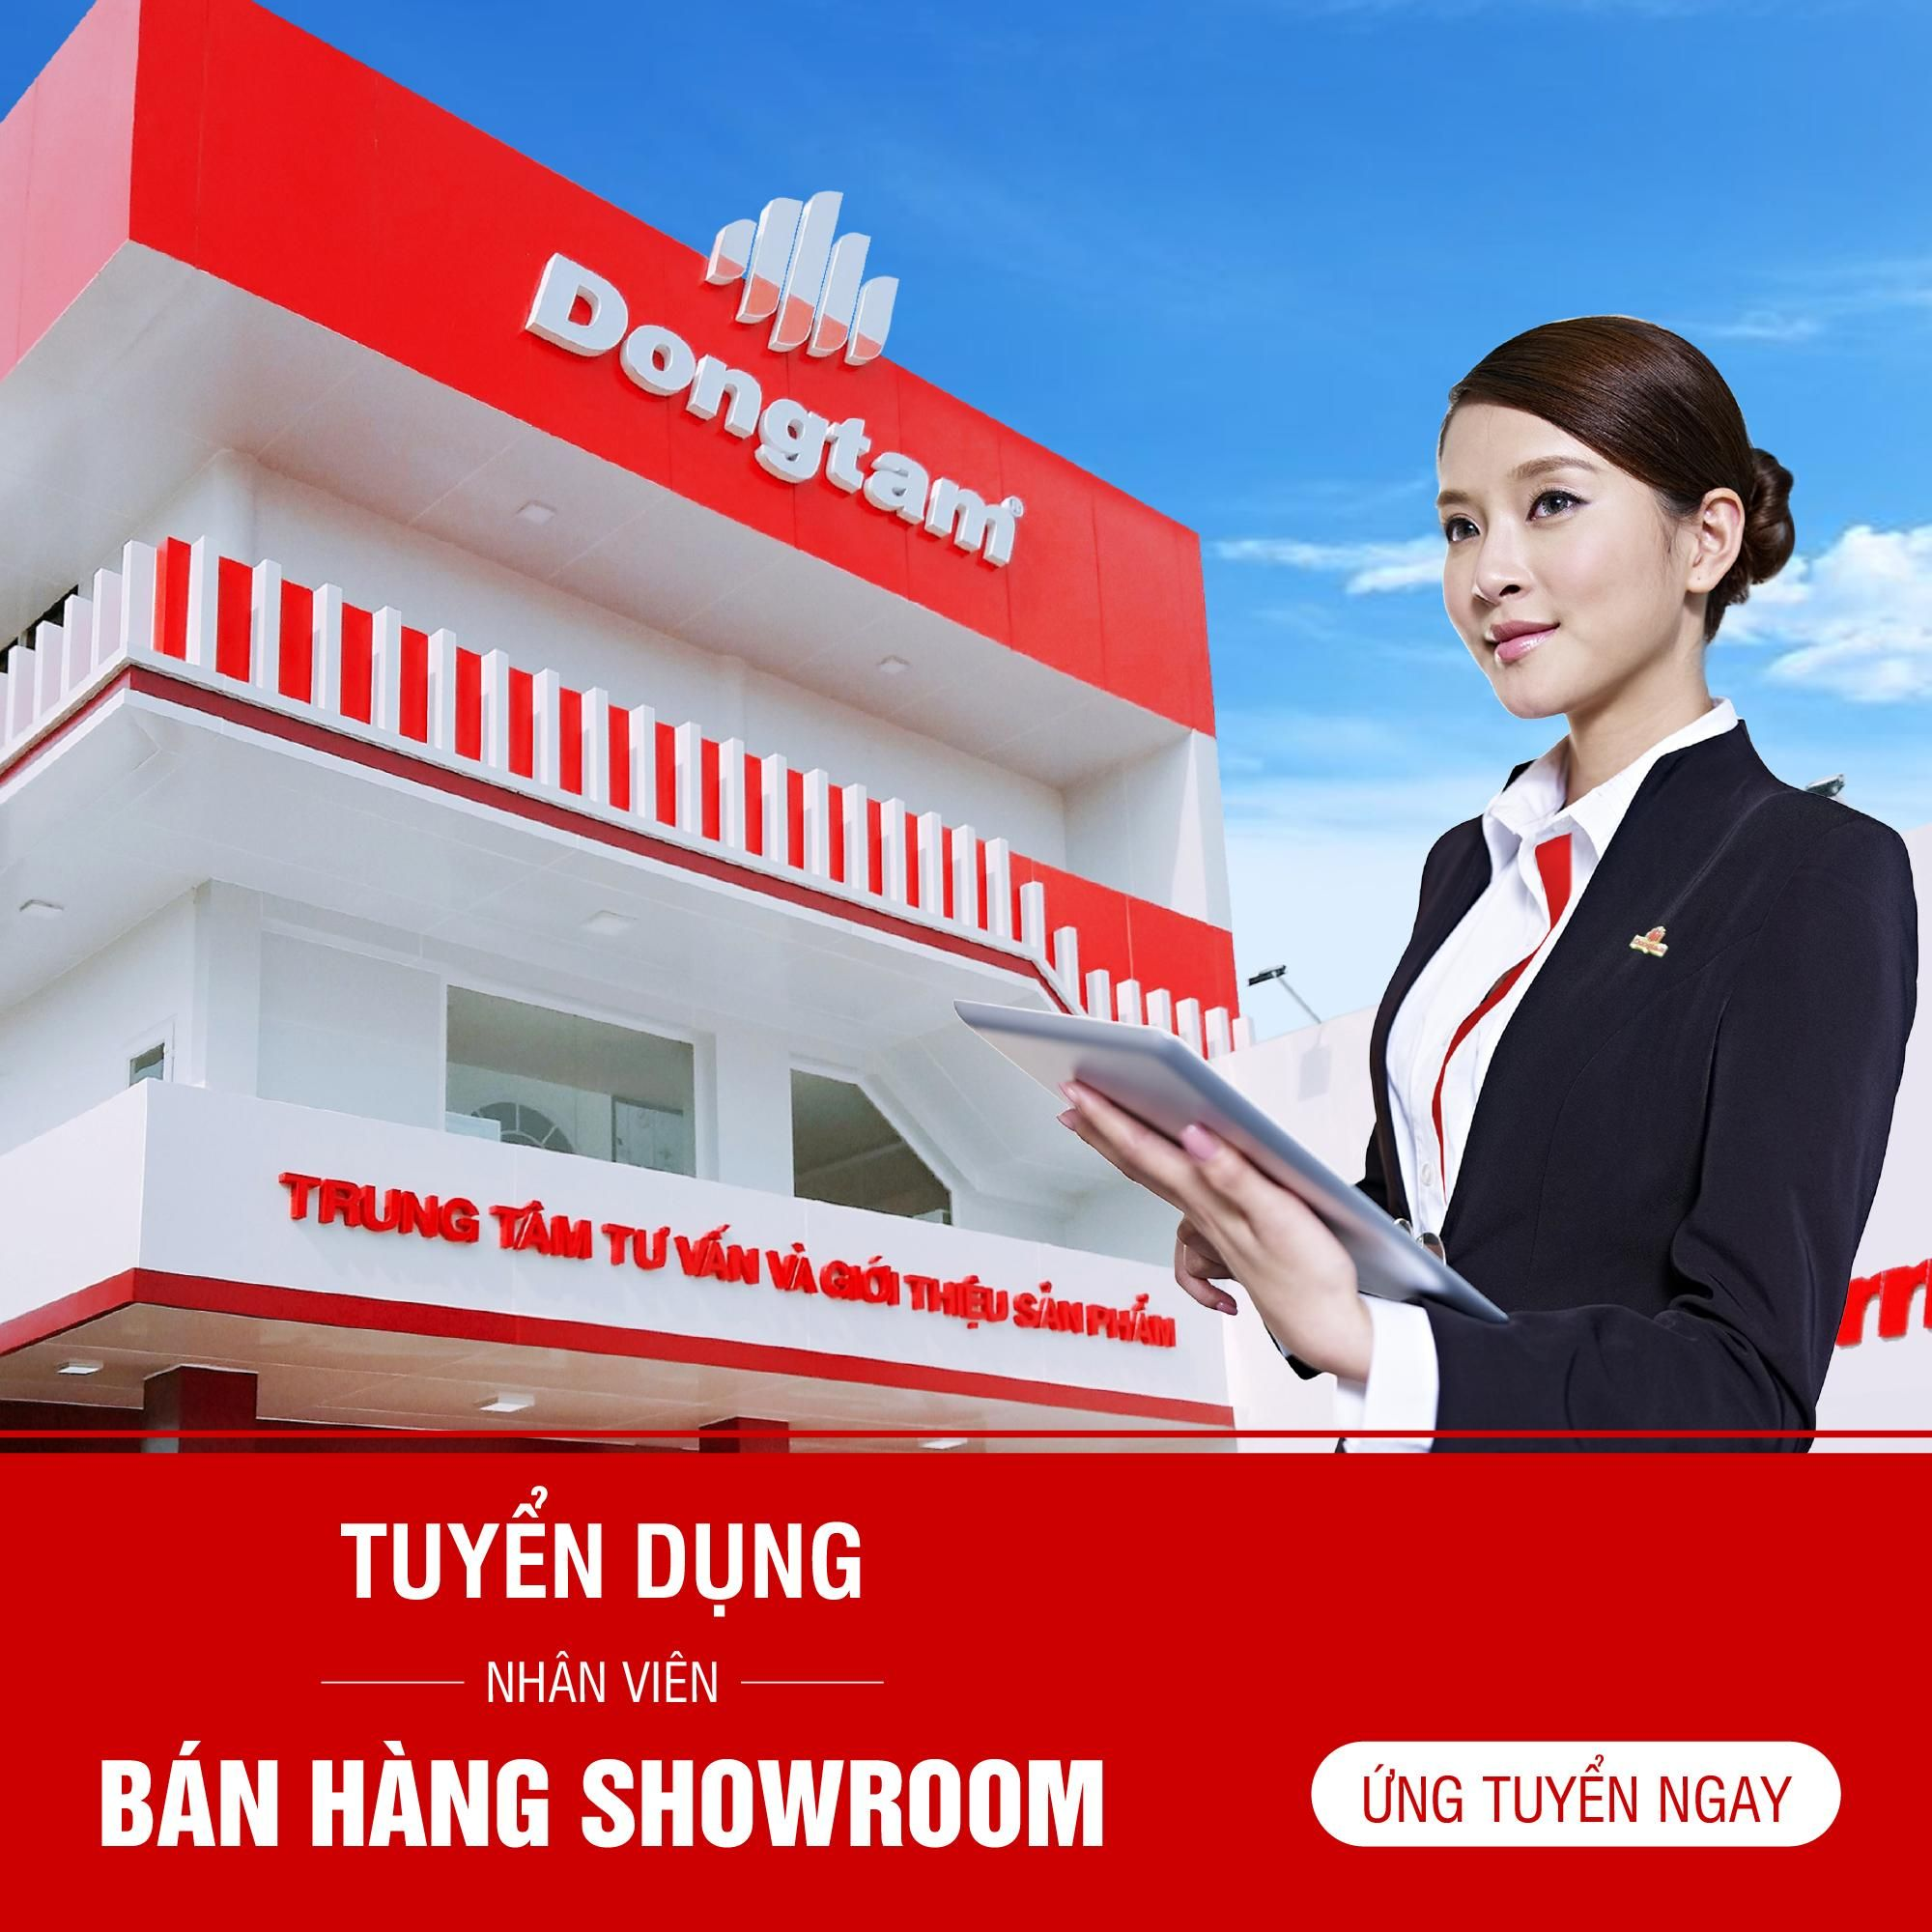 NHÂN VIÊN BÁN HÀNG SHOWROOM _ CN HẢI DƯƠNG